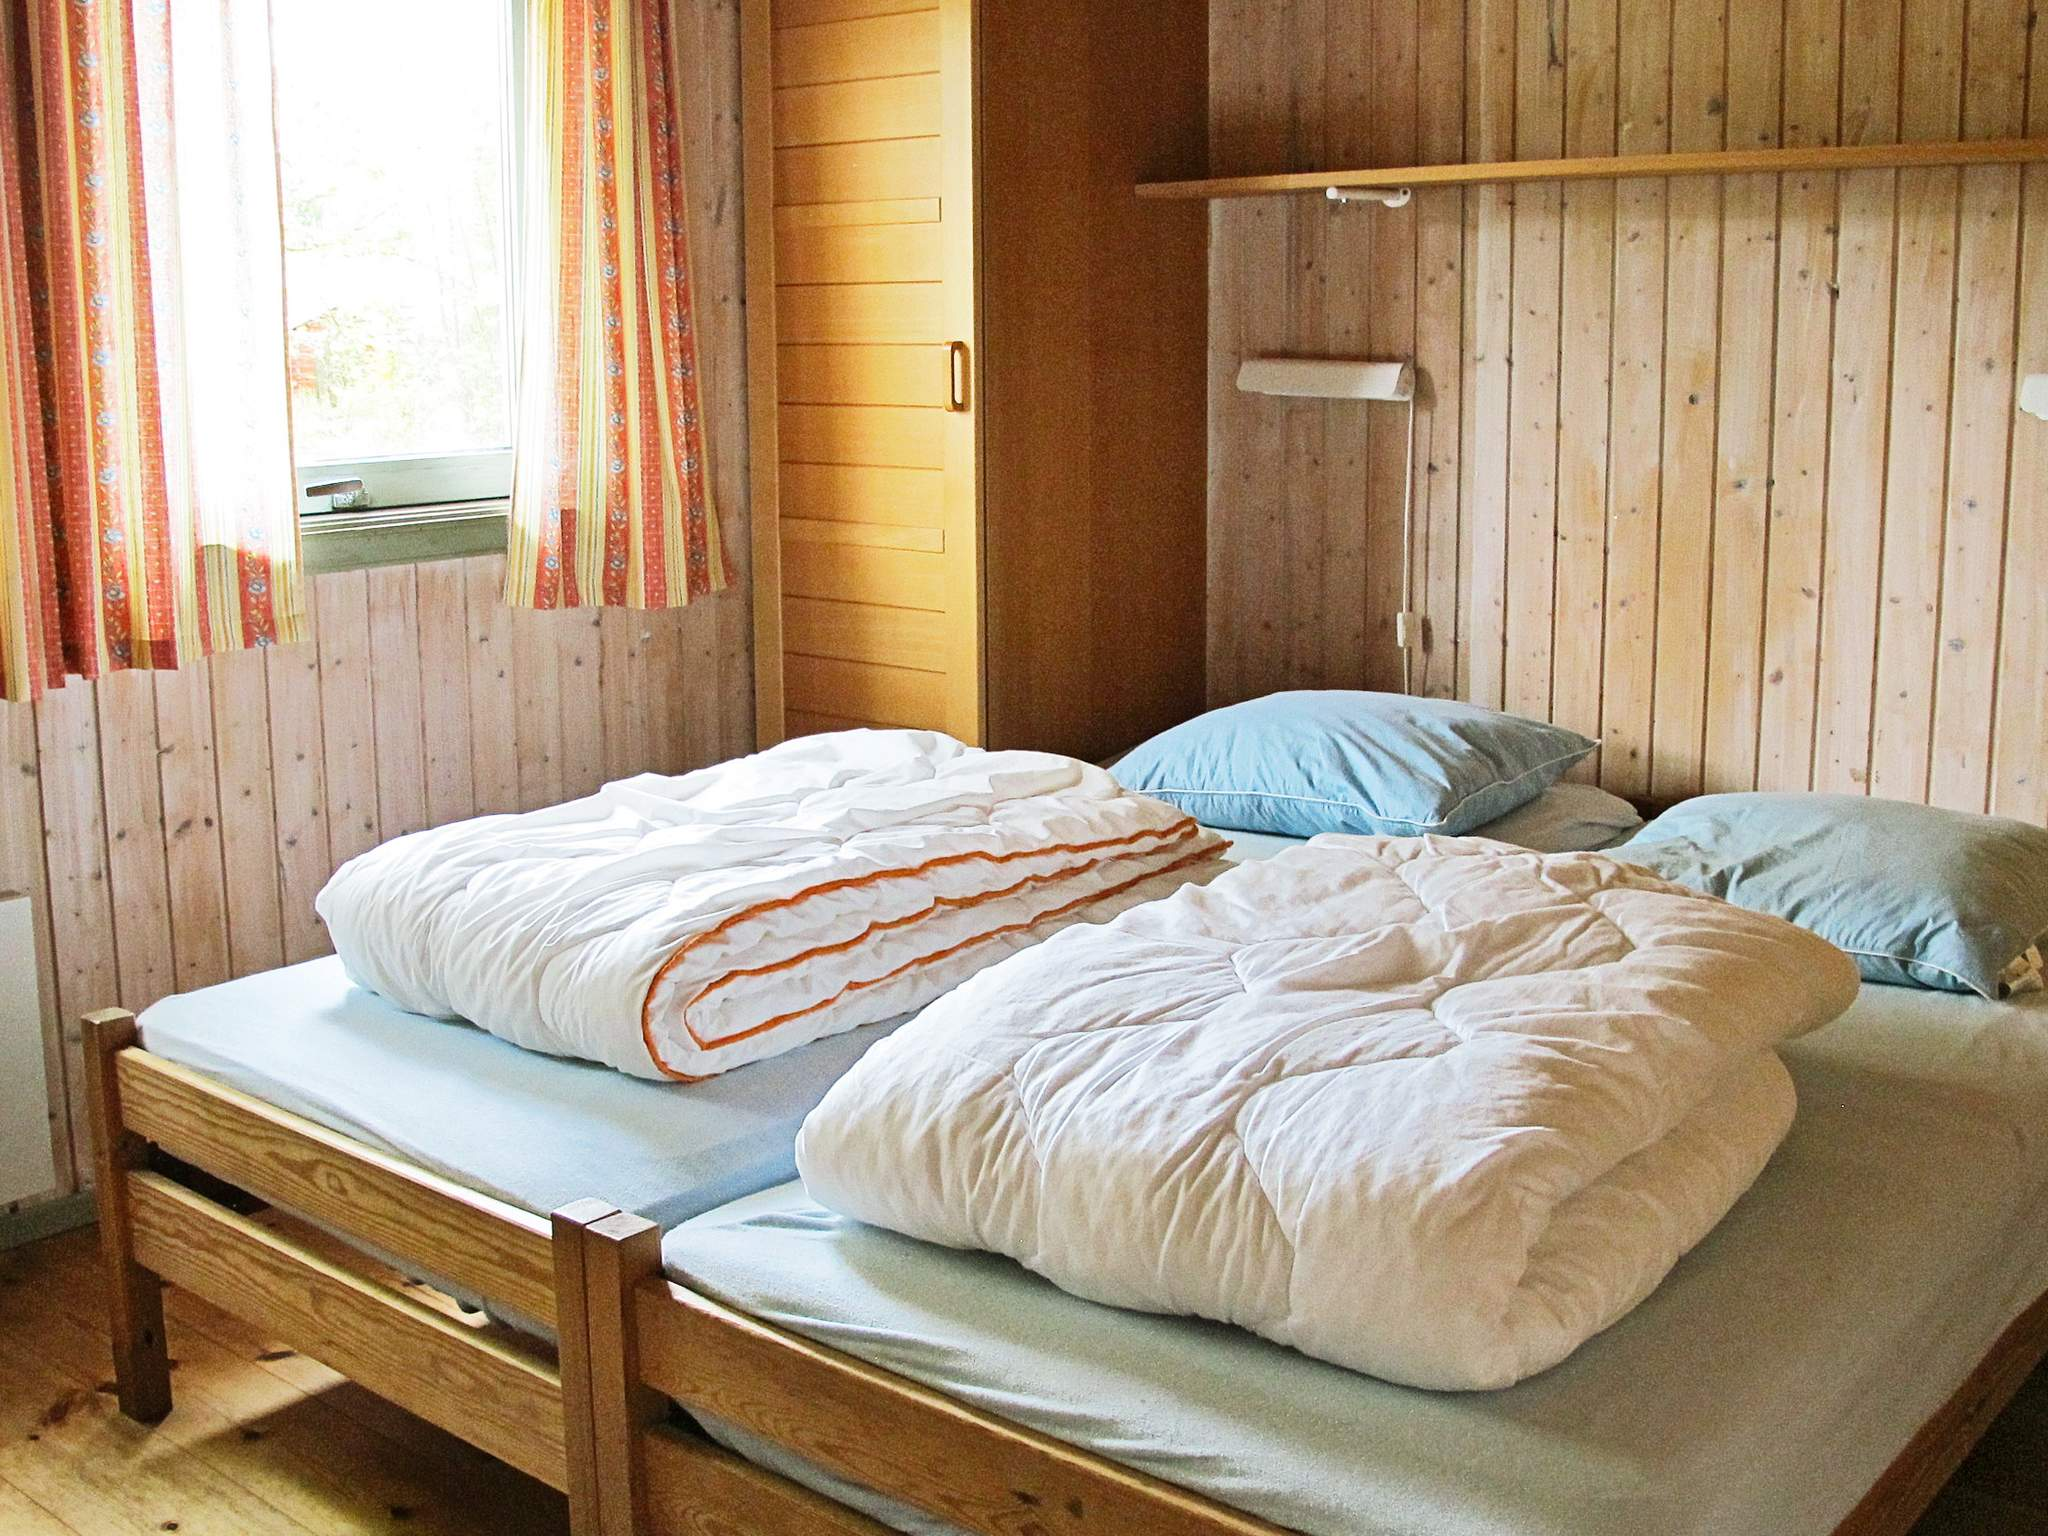 Ferienhaus Marielyst (87234), Marielyst, , Falster, Dänemark, Bild 4